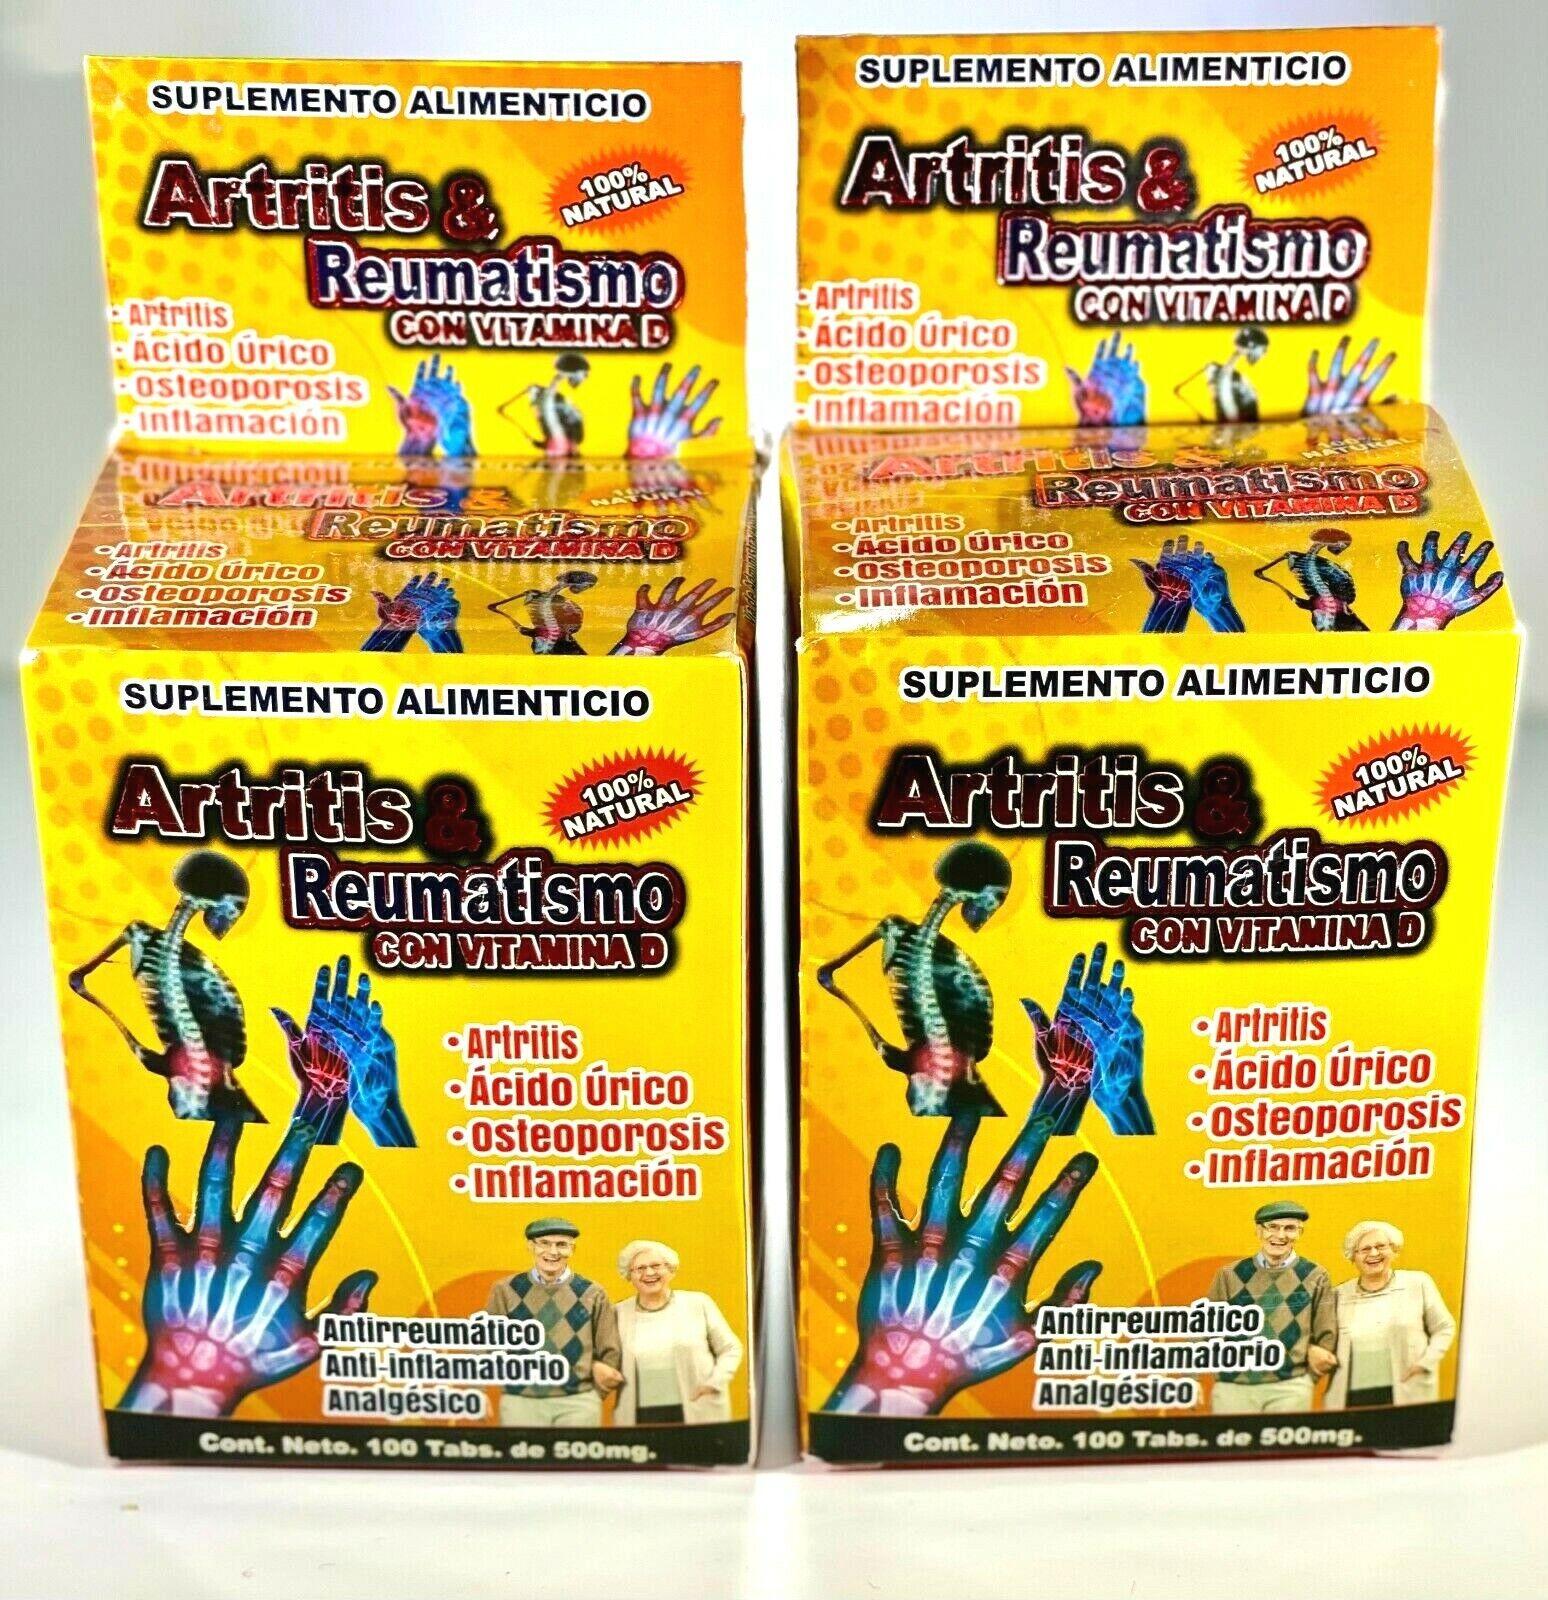 Artritis & Reumatismo con Vitamina D Suplemento Alimenticio  2 Cajas de100 Tabls